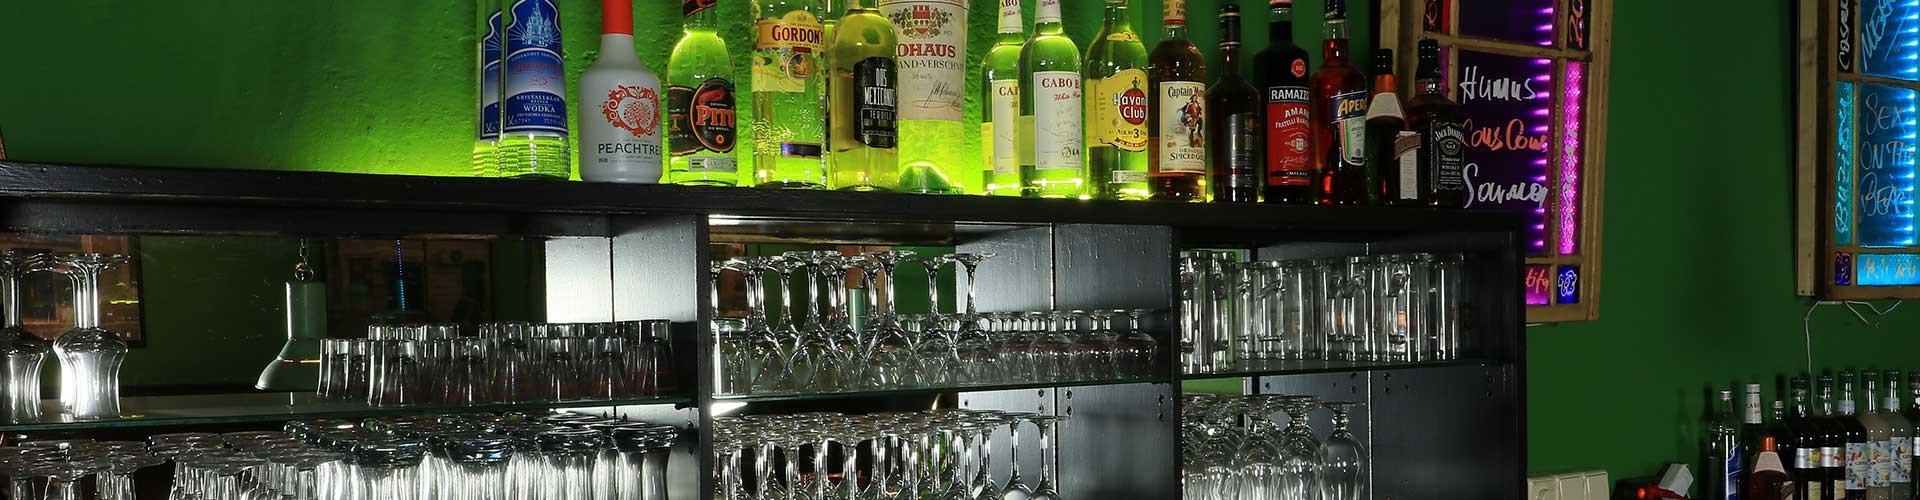 Bar Helin KN 2017: Cocktails und mehr